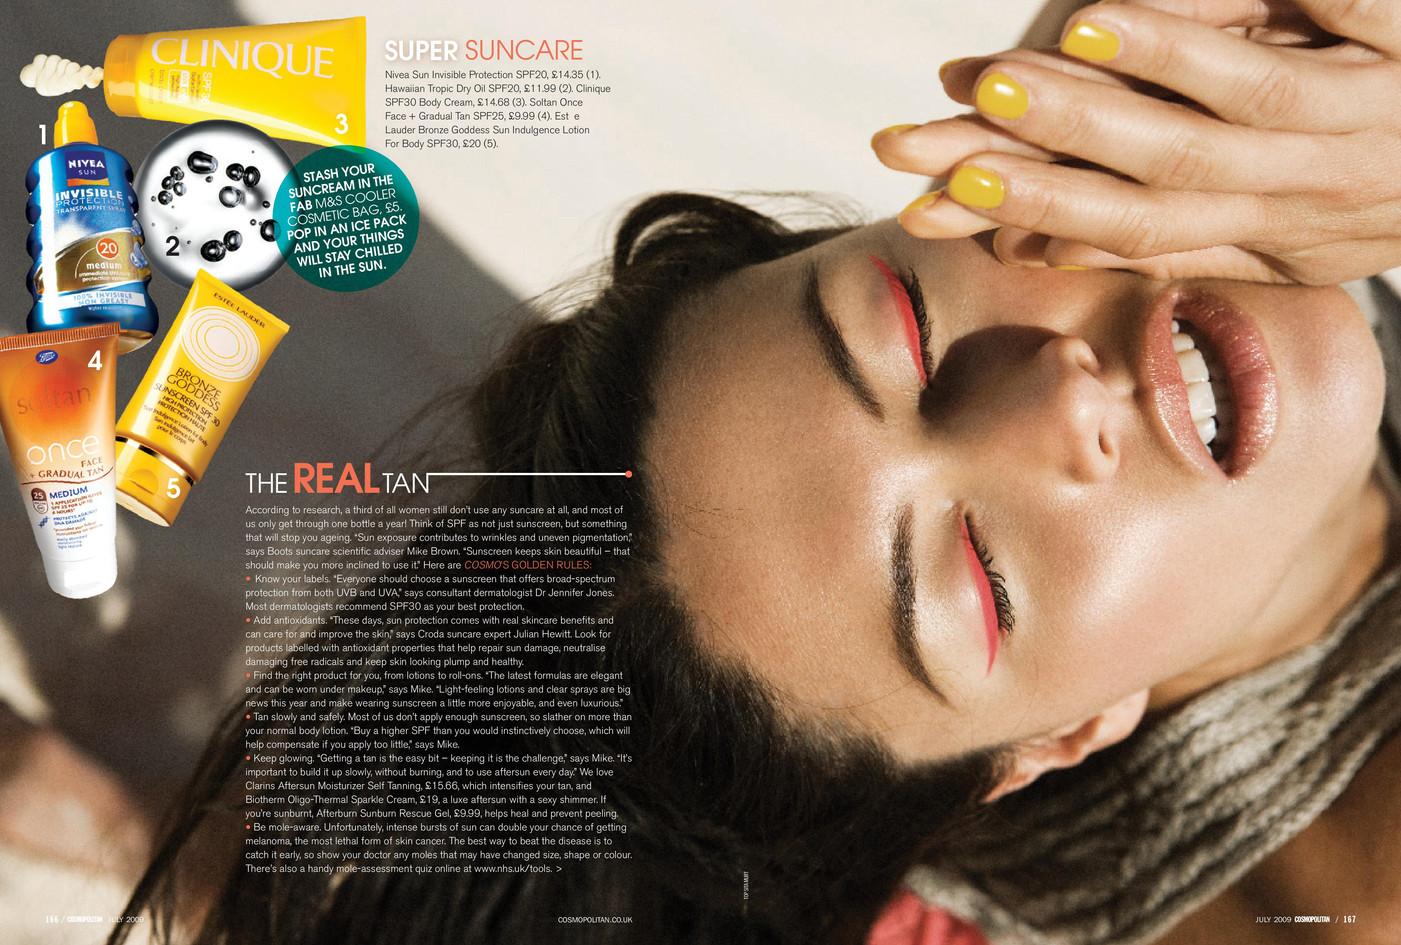 Talk to the tan – Cosmopolitan